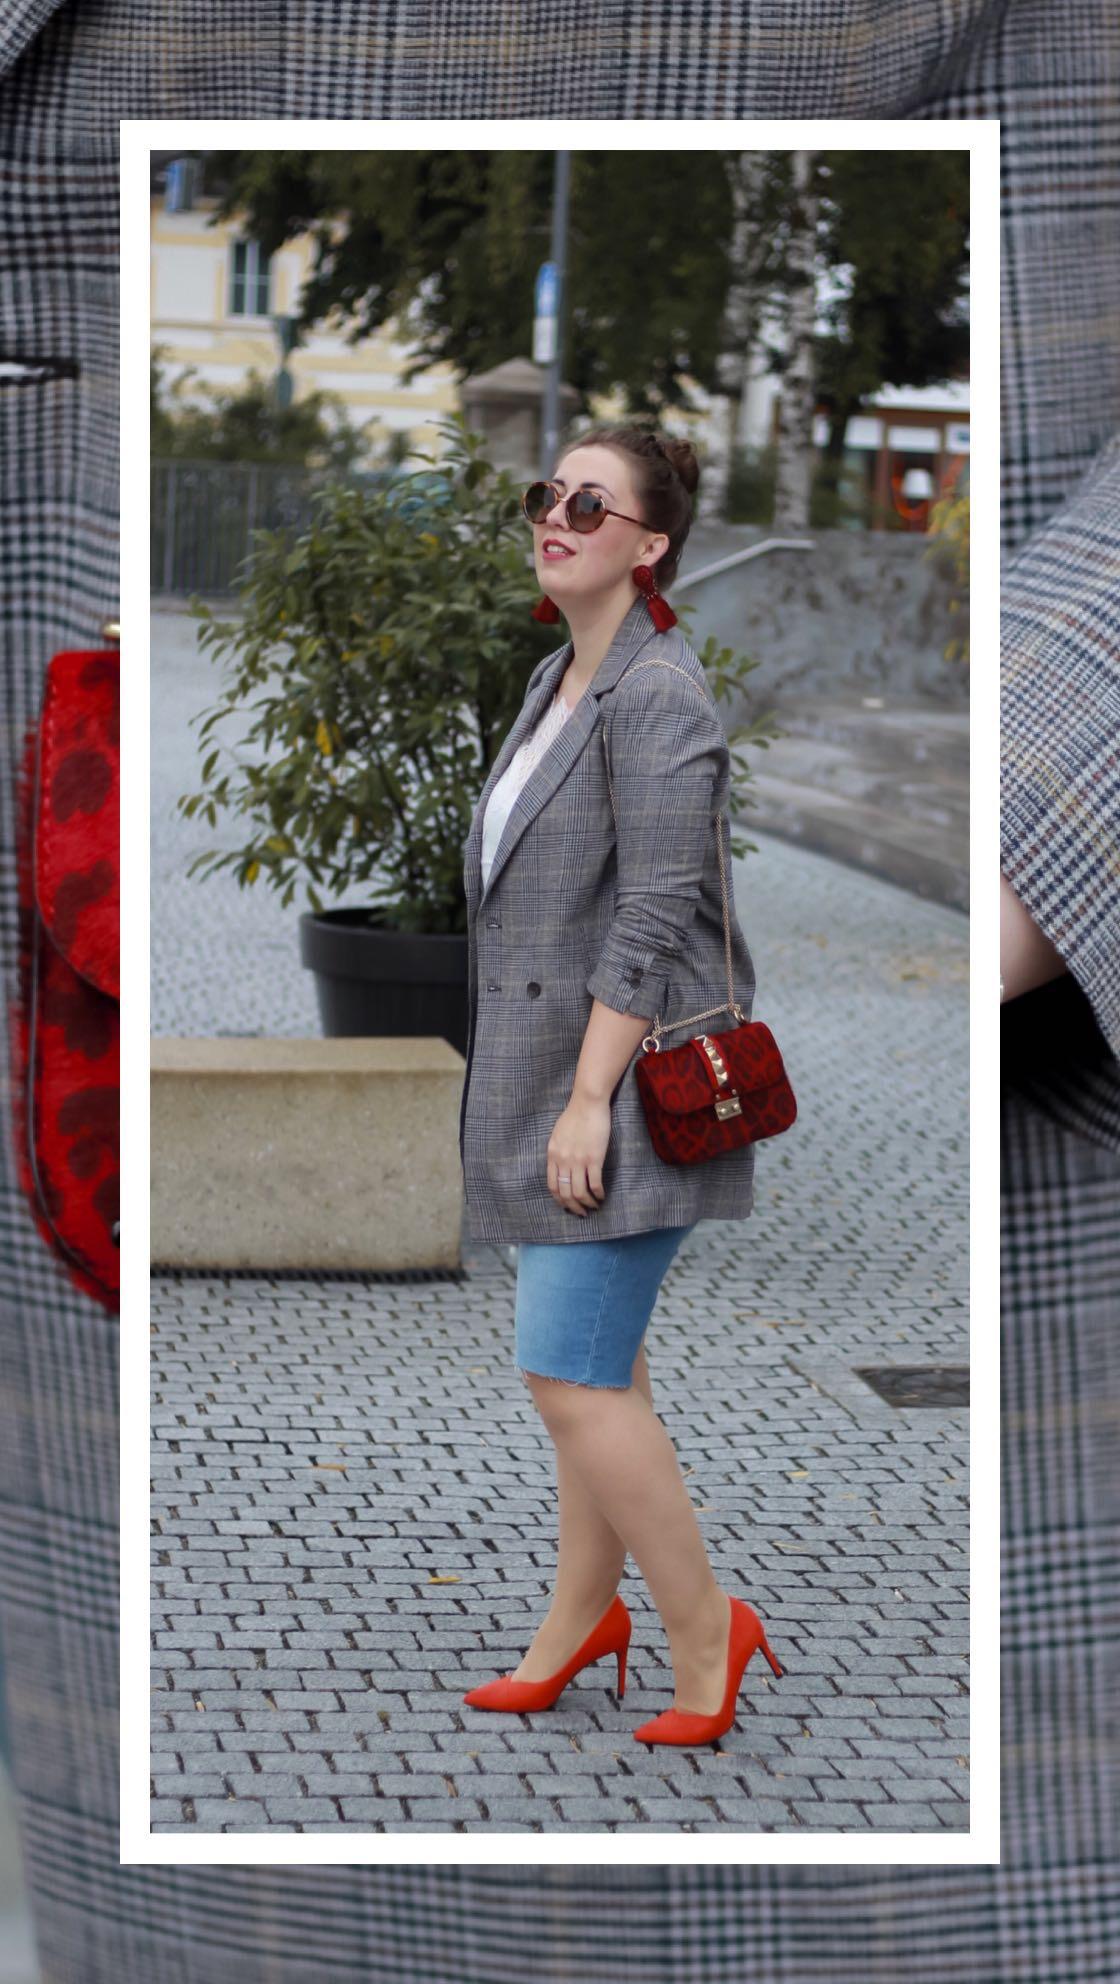 Karierter-Blazer-Valentino-Rockstud-Ponyfell-Jeans-Bermudas-Pumps-MIss-Suzie-Loves-Susanne-Heidebach-Fashionblogger